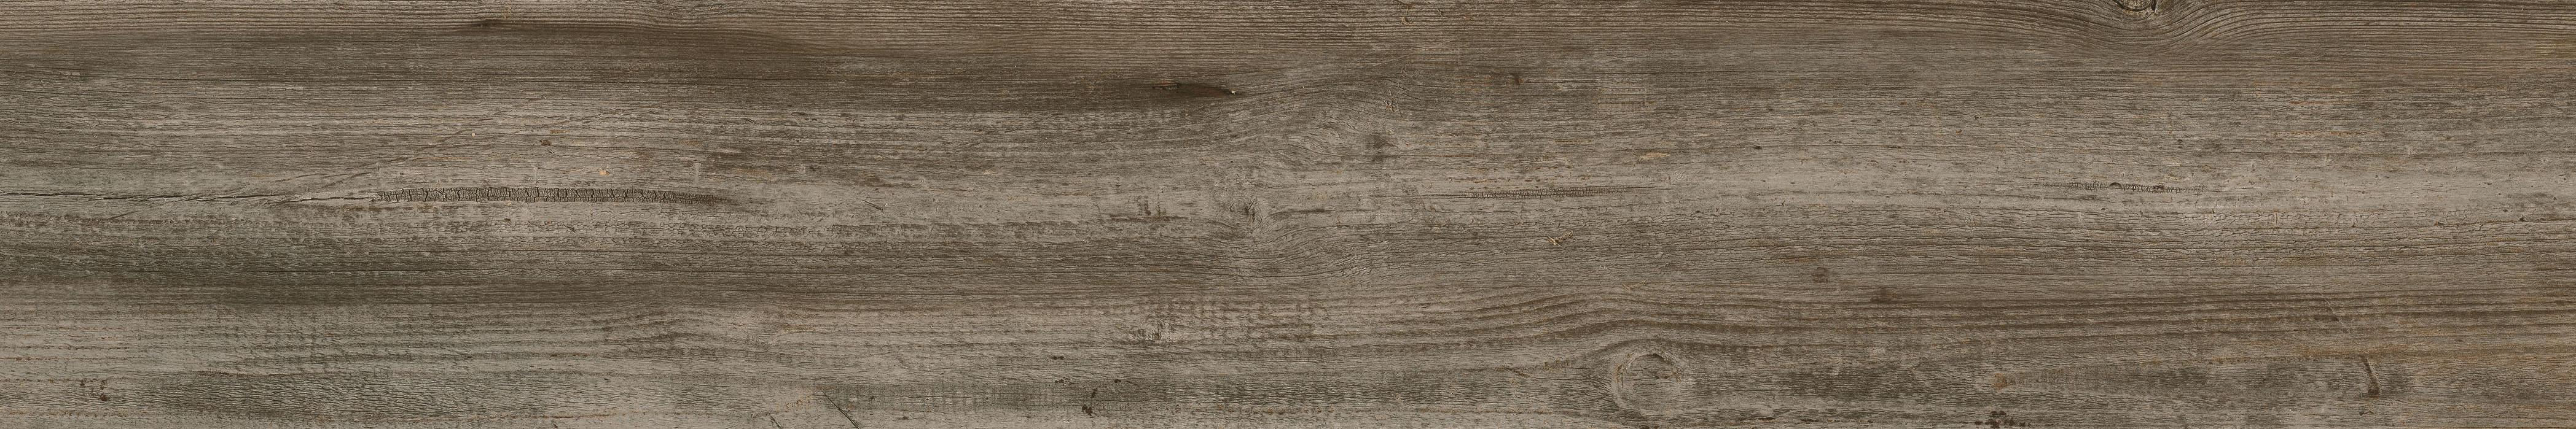 0591258, Artwood, Ruskea, lattia,pakkasenkesto,liukastumisenesto